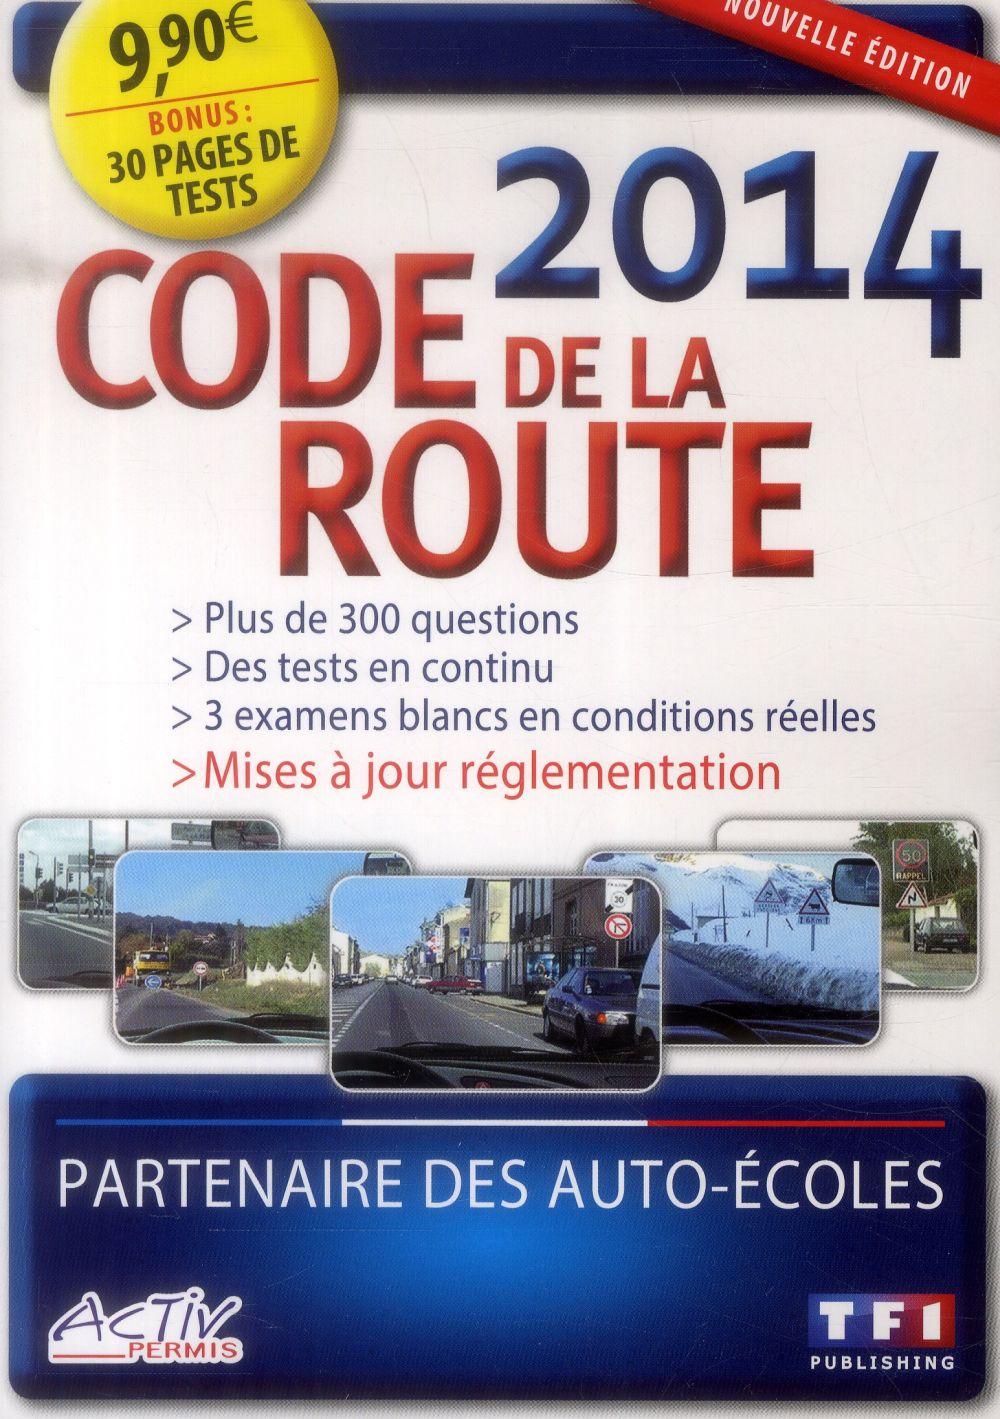 Code de la route (édition 2014)